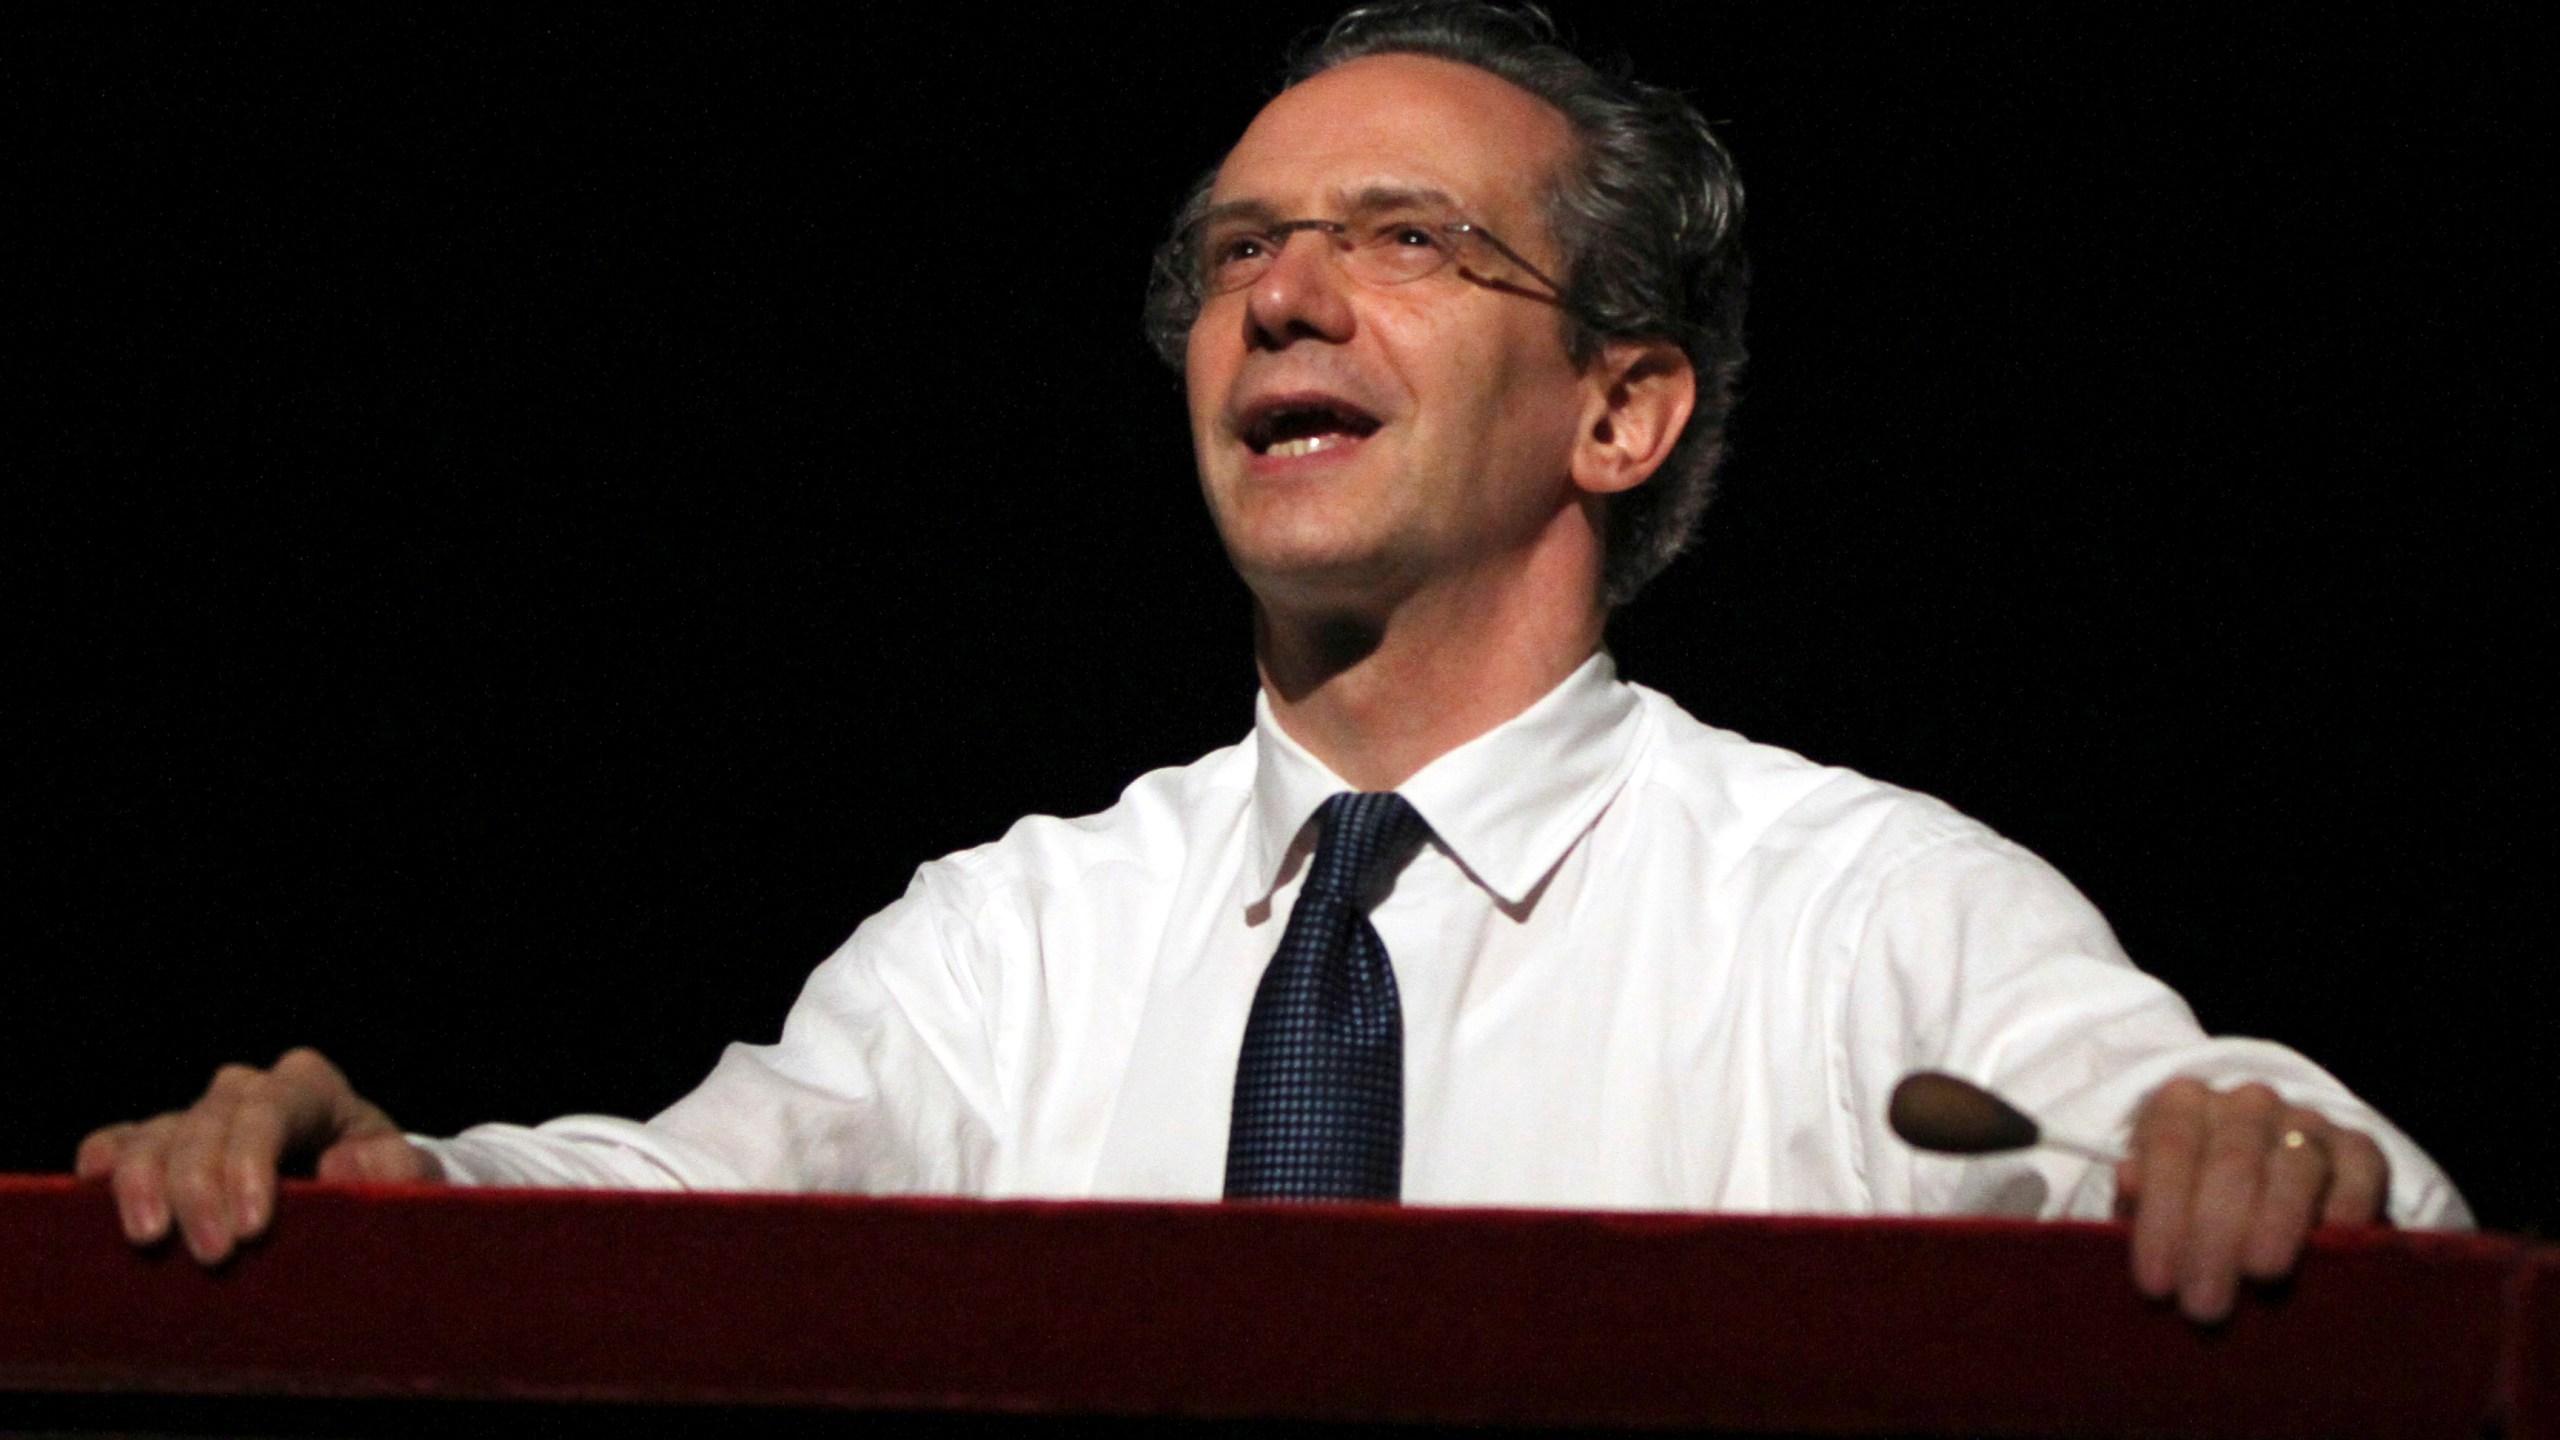 Fabio Luisi